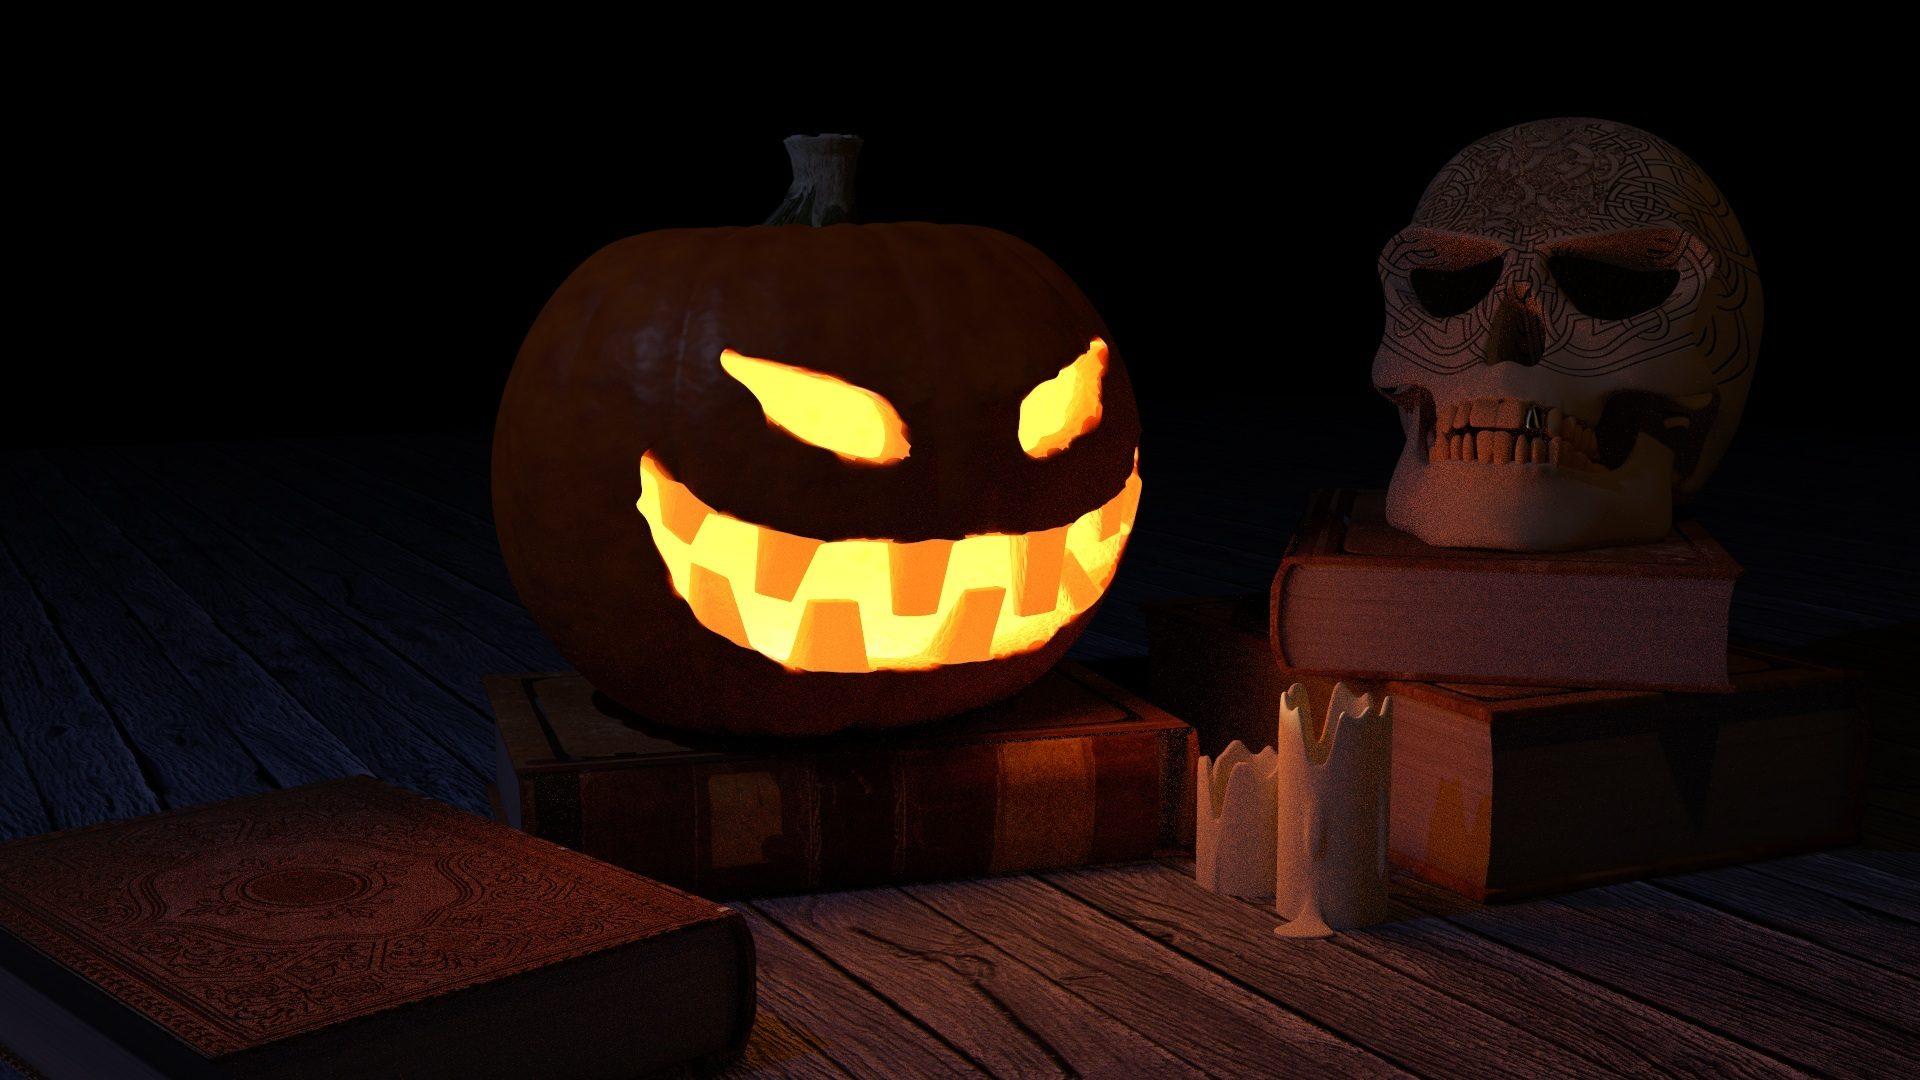 Тыква, череп, Книга, страх, ночь, Хэллоуин - Обои HD - Профессор falken.com